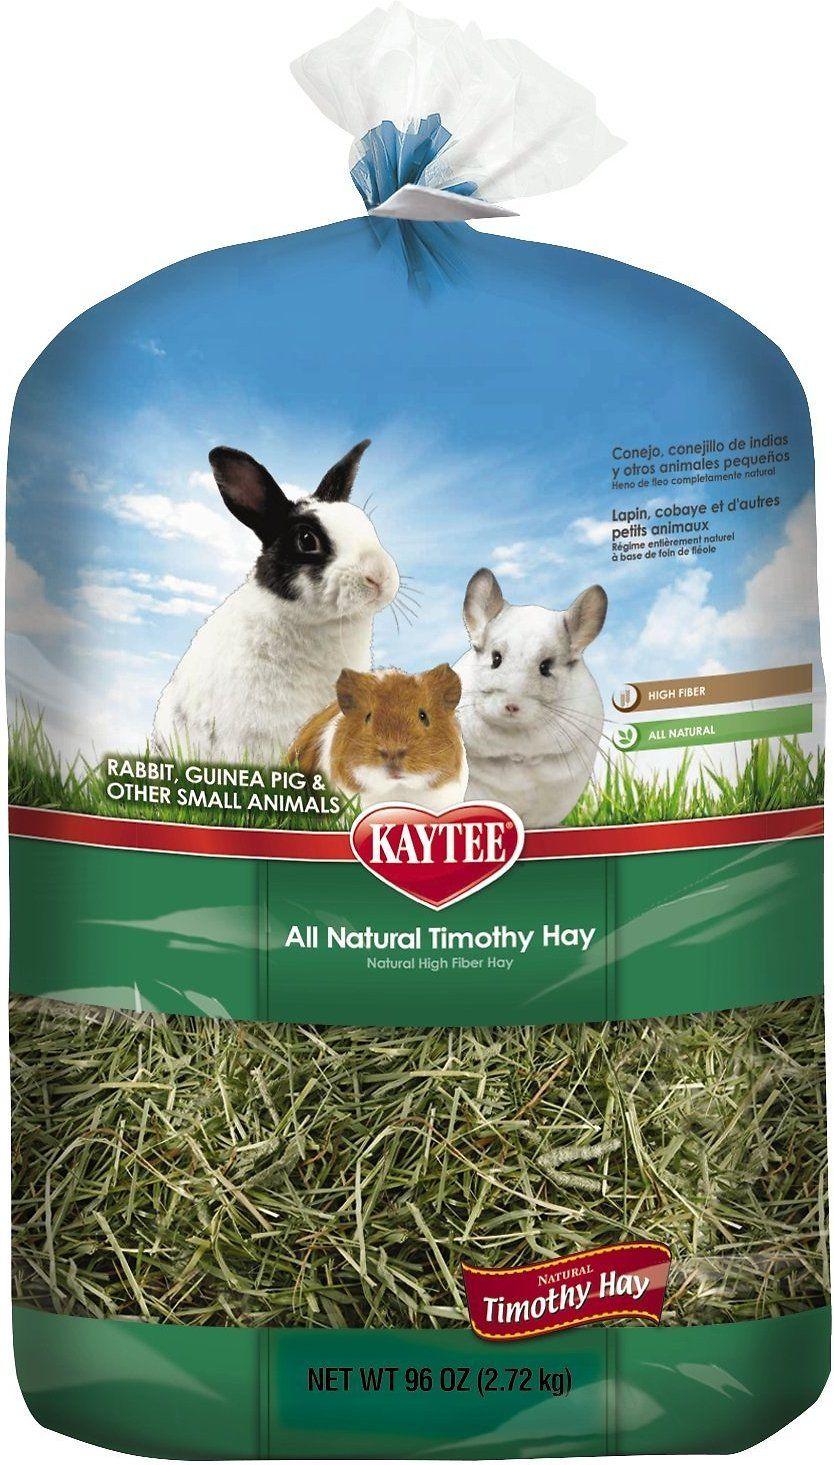 Kaytee Natural Timothy Hay Small Animal Food, 96oz bag